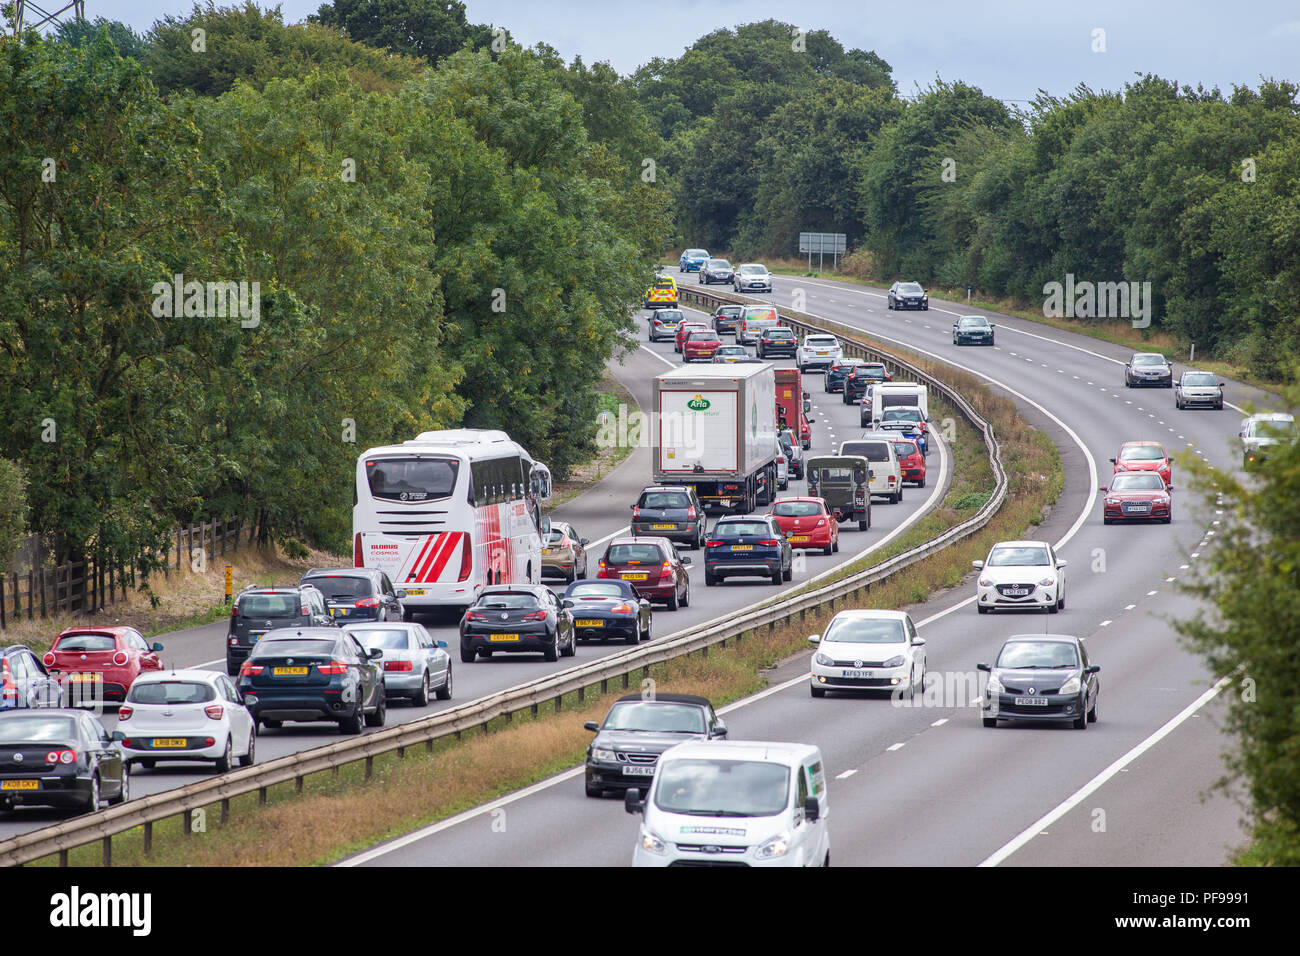 Warteschlangenfunktion und ruhendem Verkehr auf der Autobahn. Autobahn A1 Ausfahrt 7 in Richtung Süden, Stevenage, Hertfordshire Stockfoto